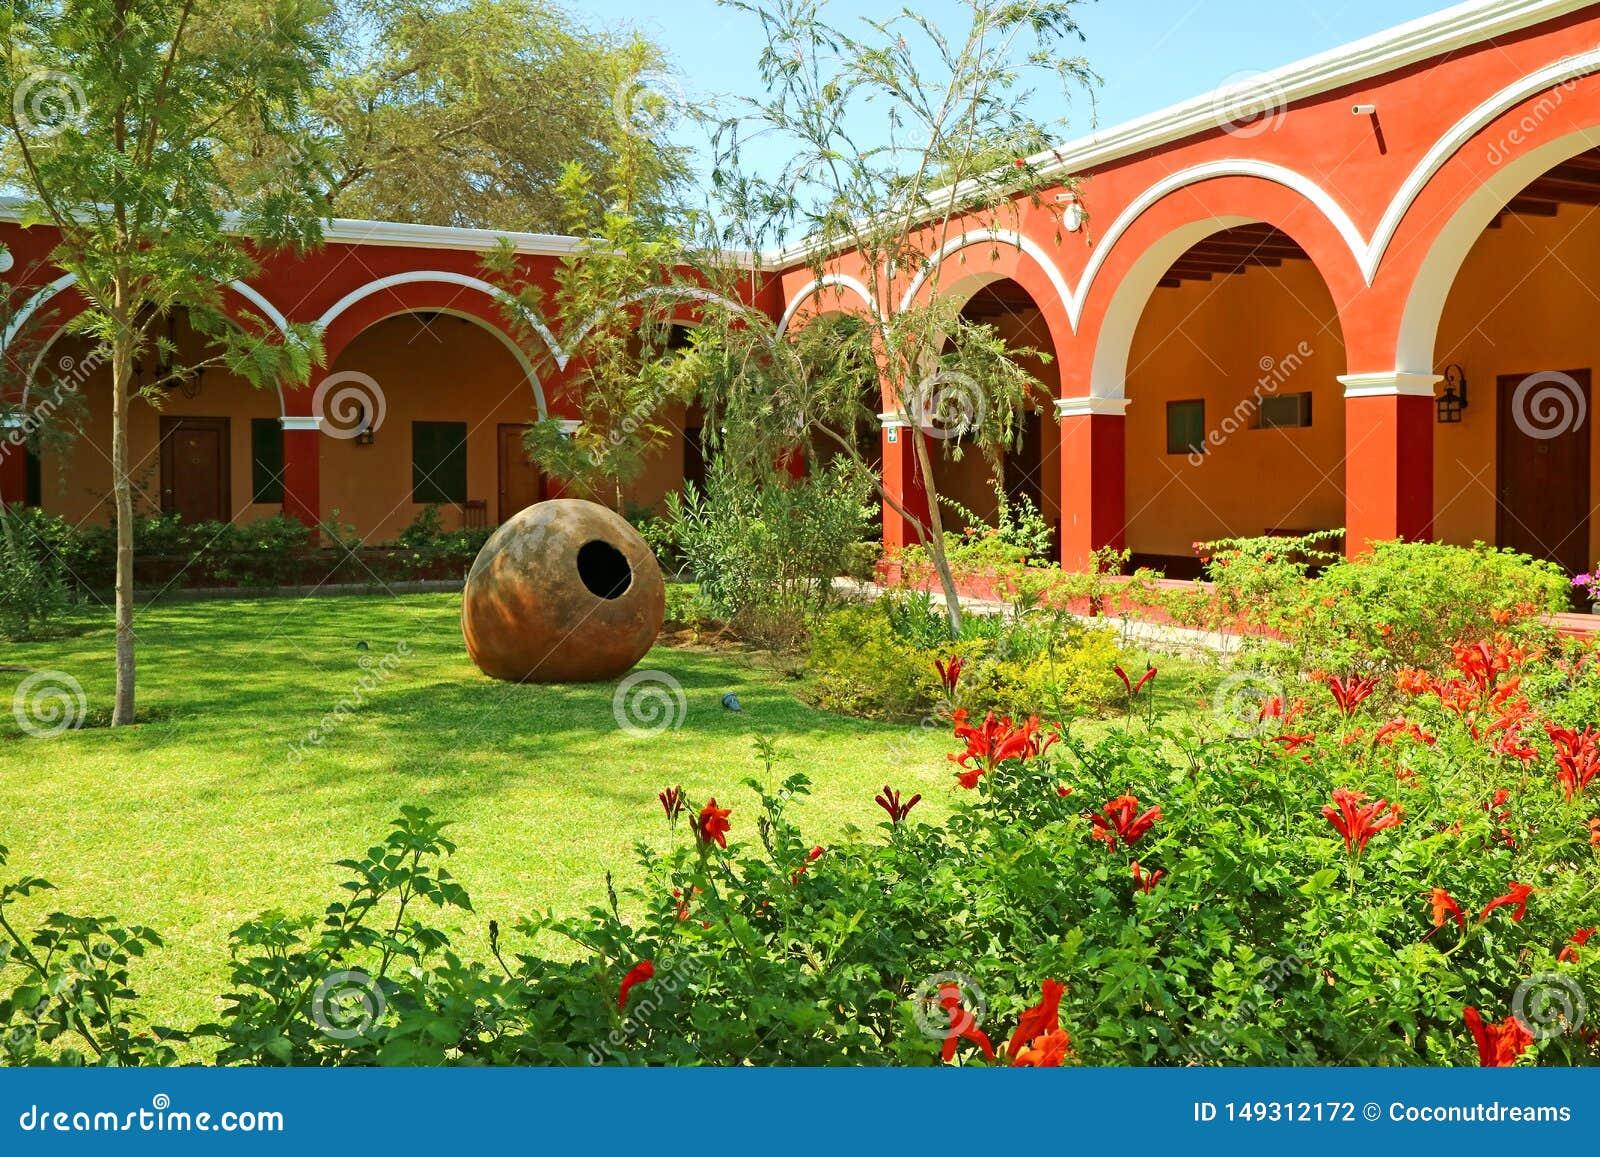 Sier Peruviaanse Tuin binnen Mooie Rode en Witte Gang Uitstekende Architectuur, Huacachina-Oasestad, Ica gebied, Peru